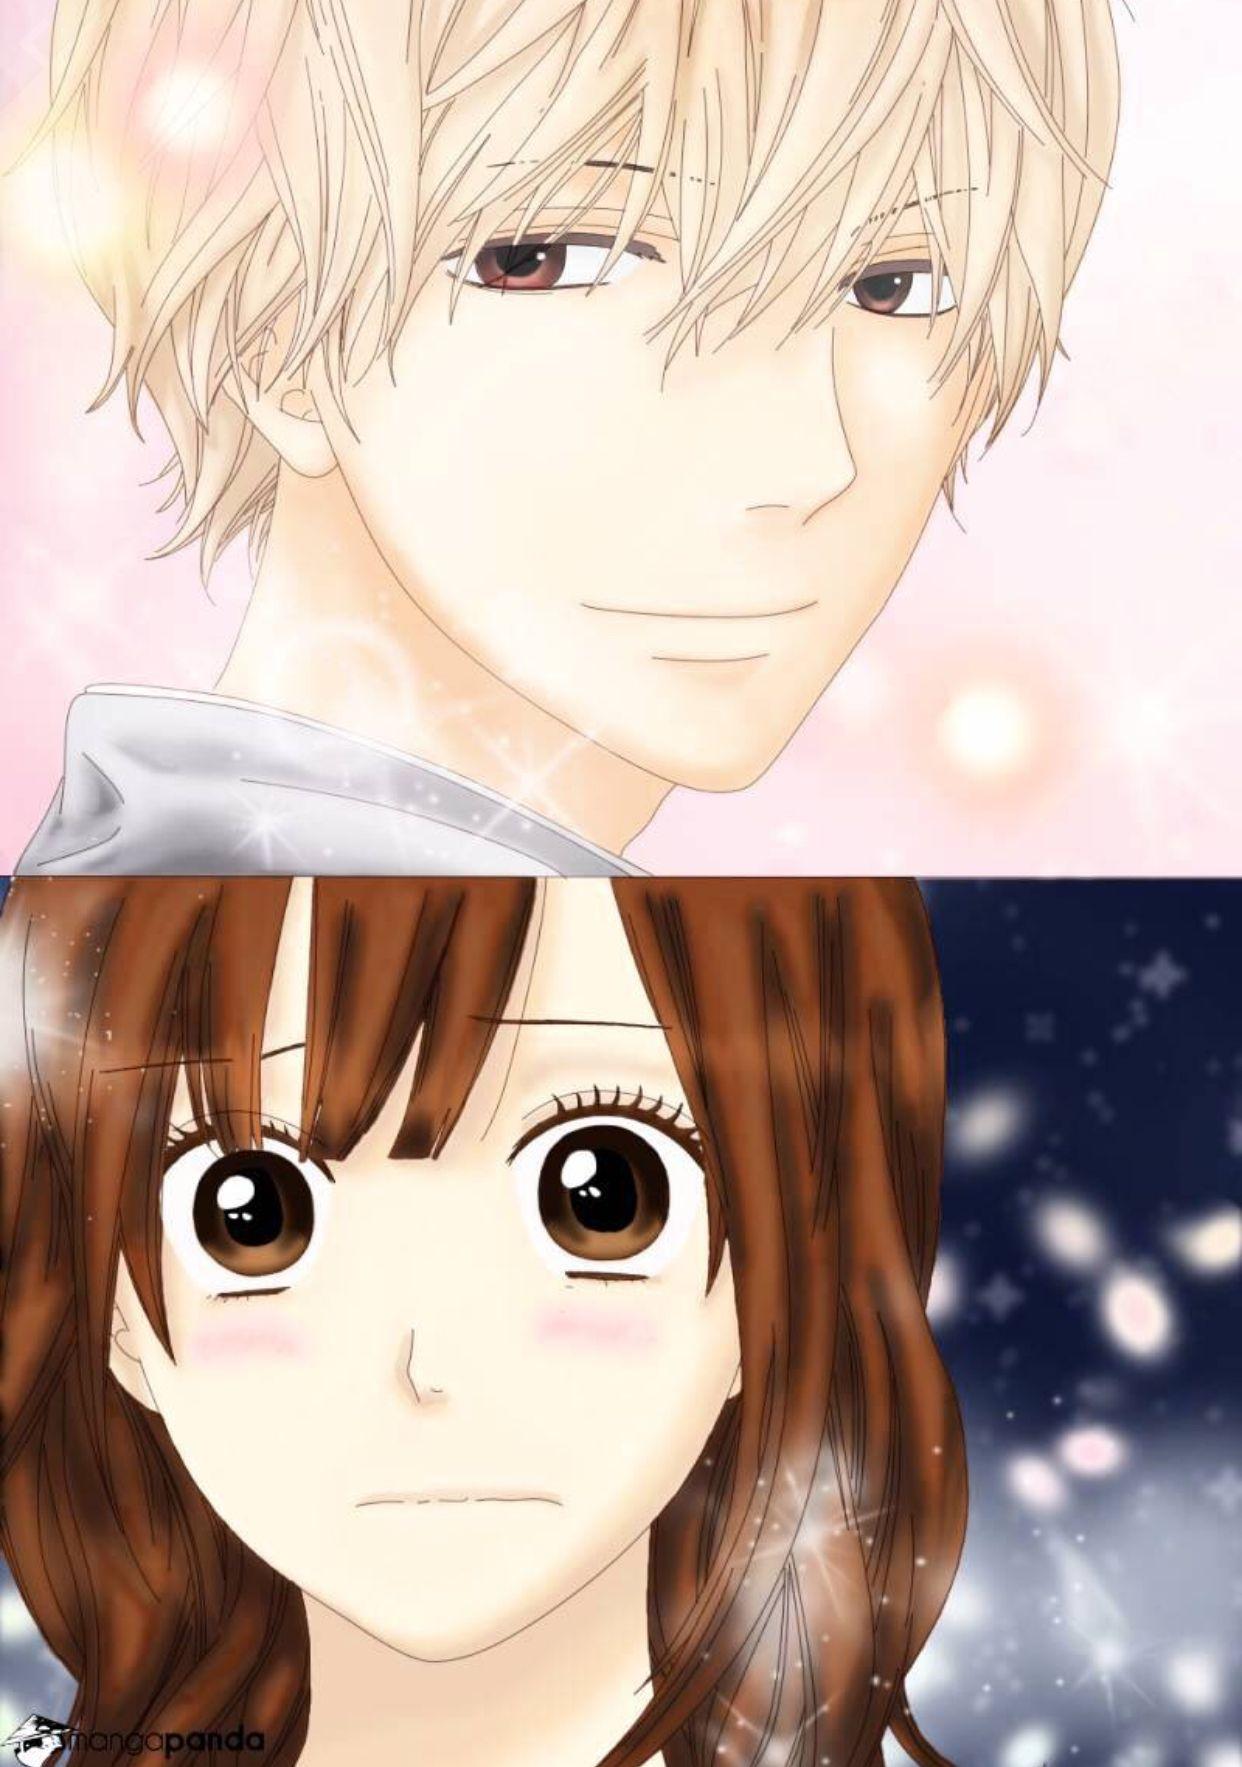 Manga Ookami Shoujo to Kuroouji ️ manga_eminem